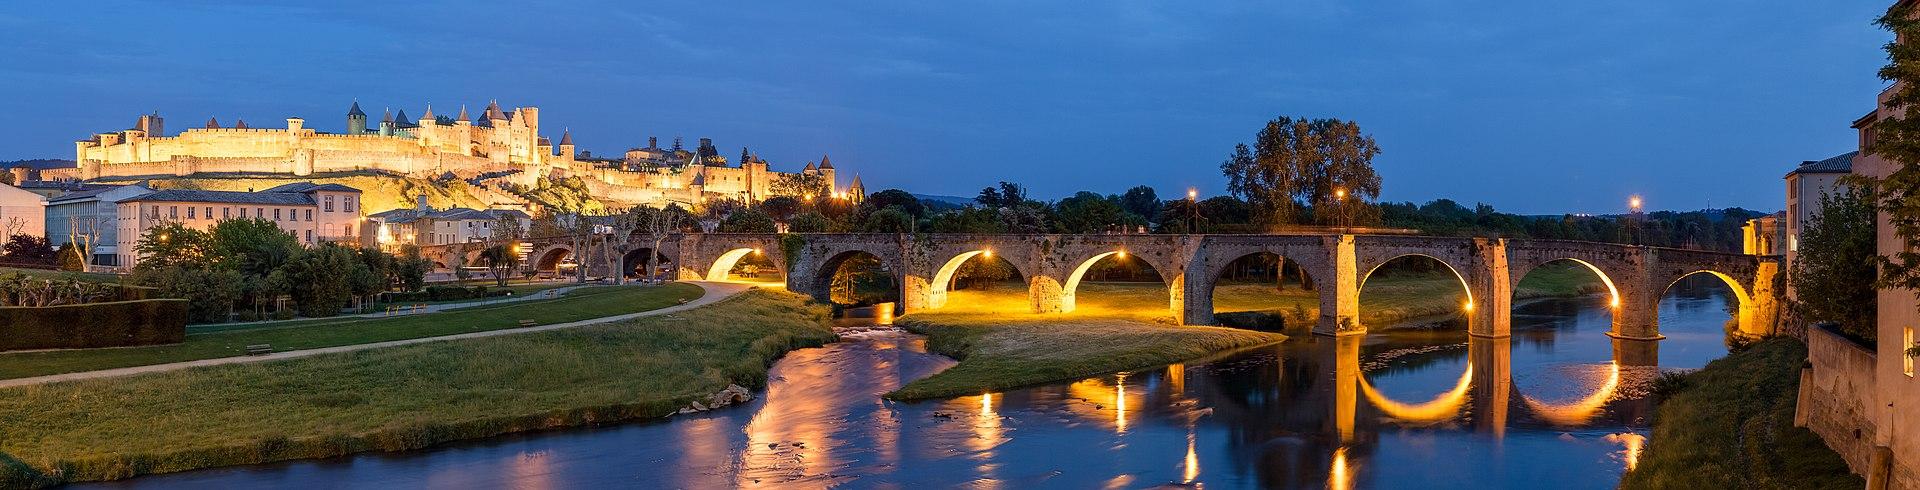 França, Carcassonne, viagens, Militur, Agência de viagens, roteiros europeus, pacotes Europa, lua de mel Europa, sul da França